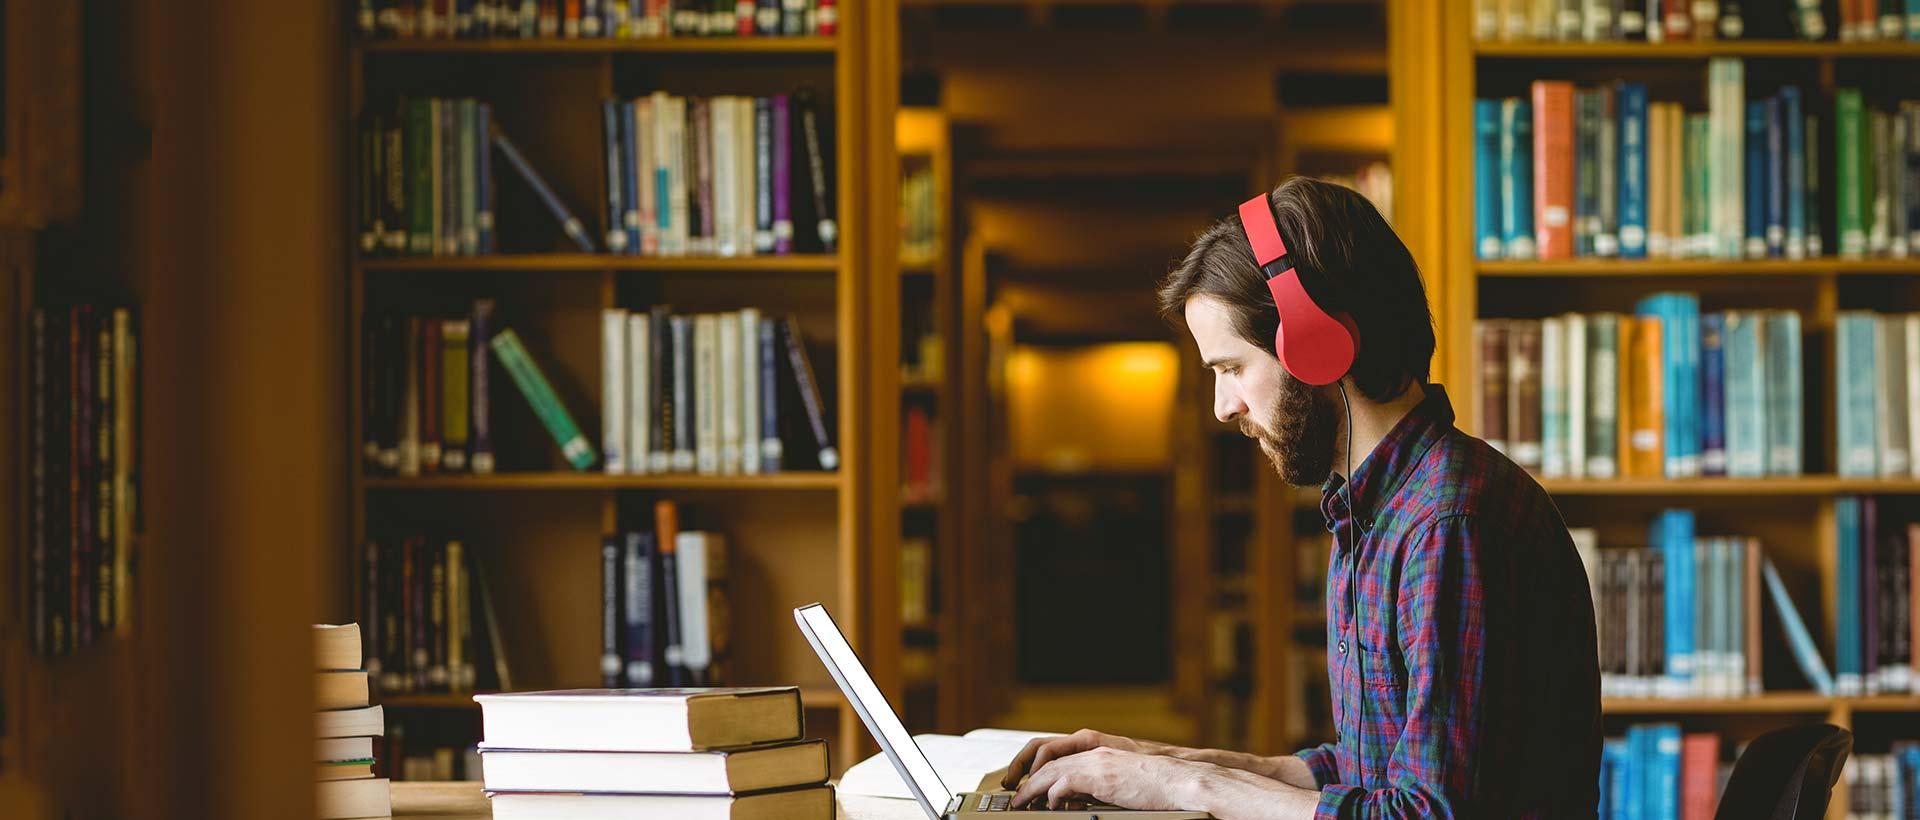 Ein Ort zum Lernen und die Chance zum Wachsen